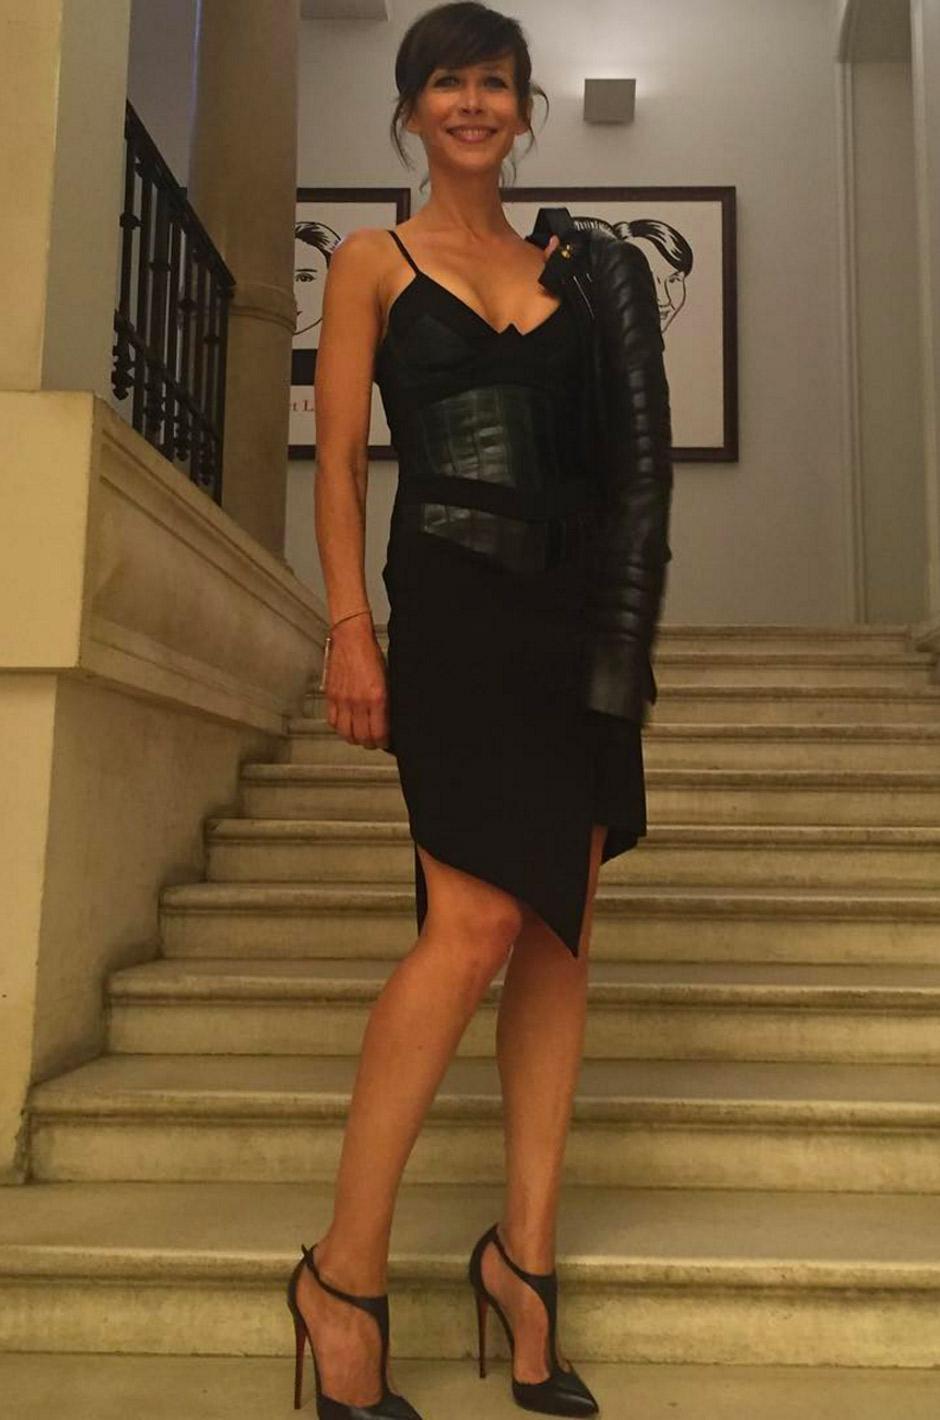 Francesca chante avec maxi dresses